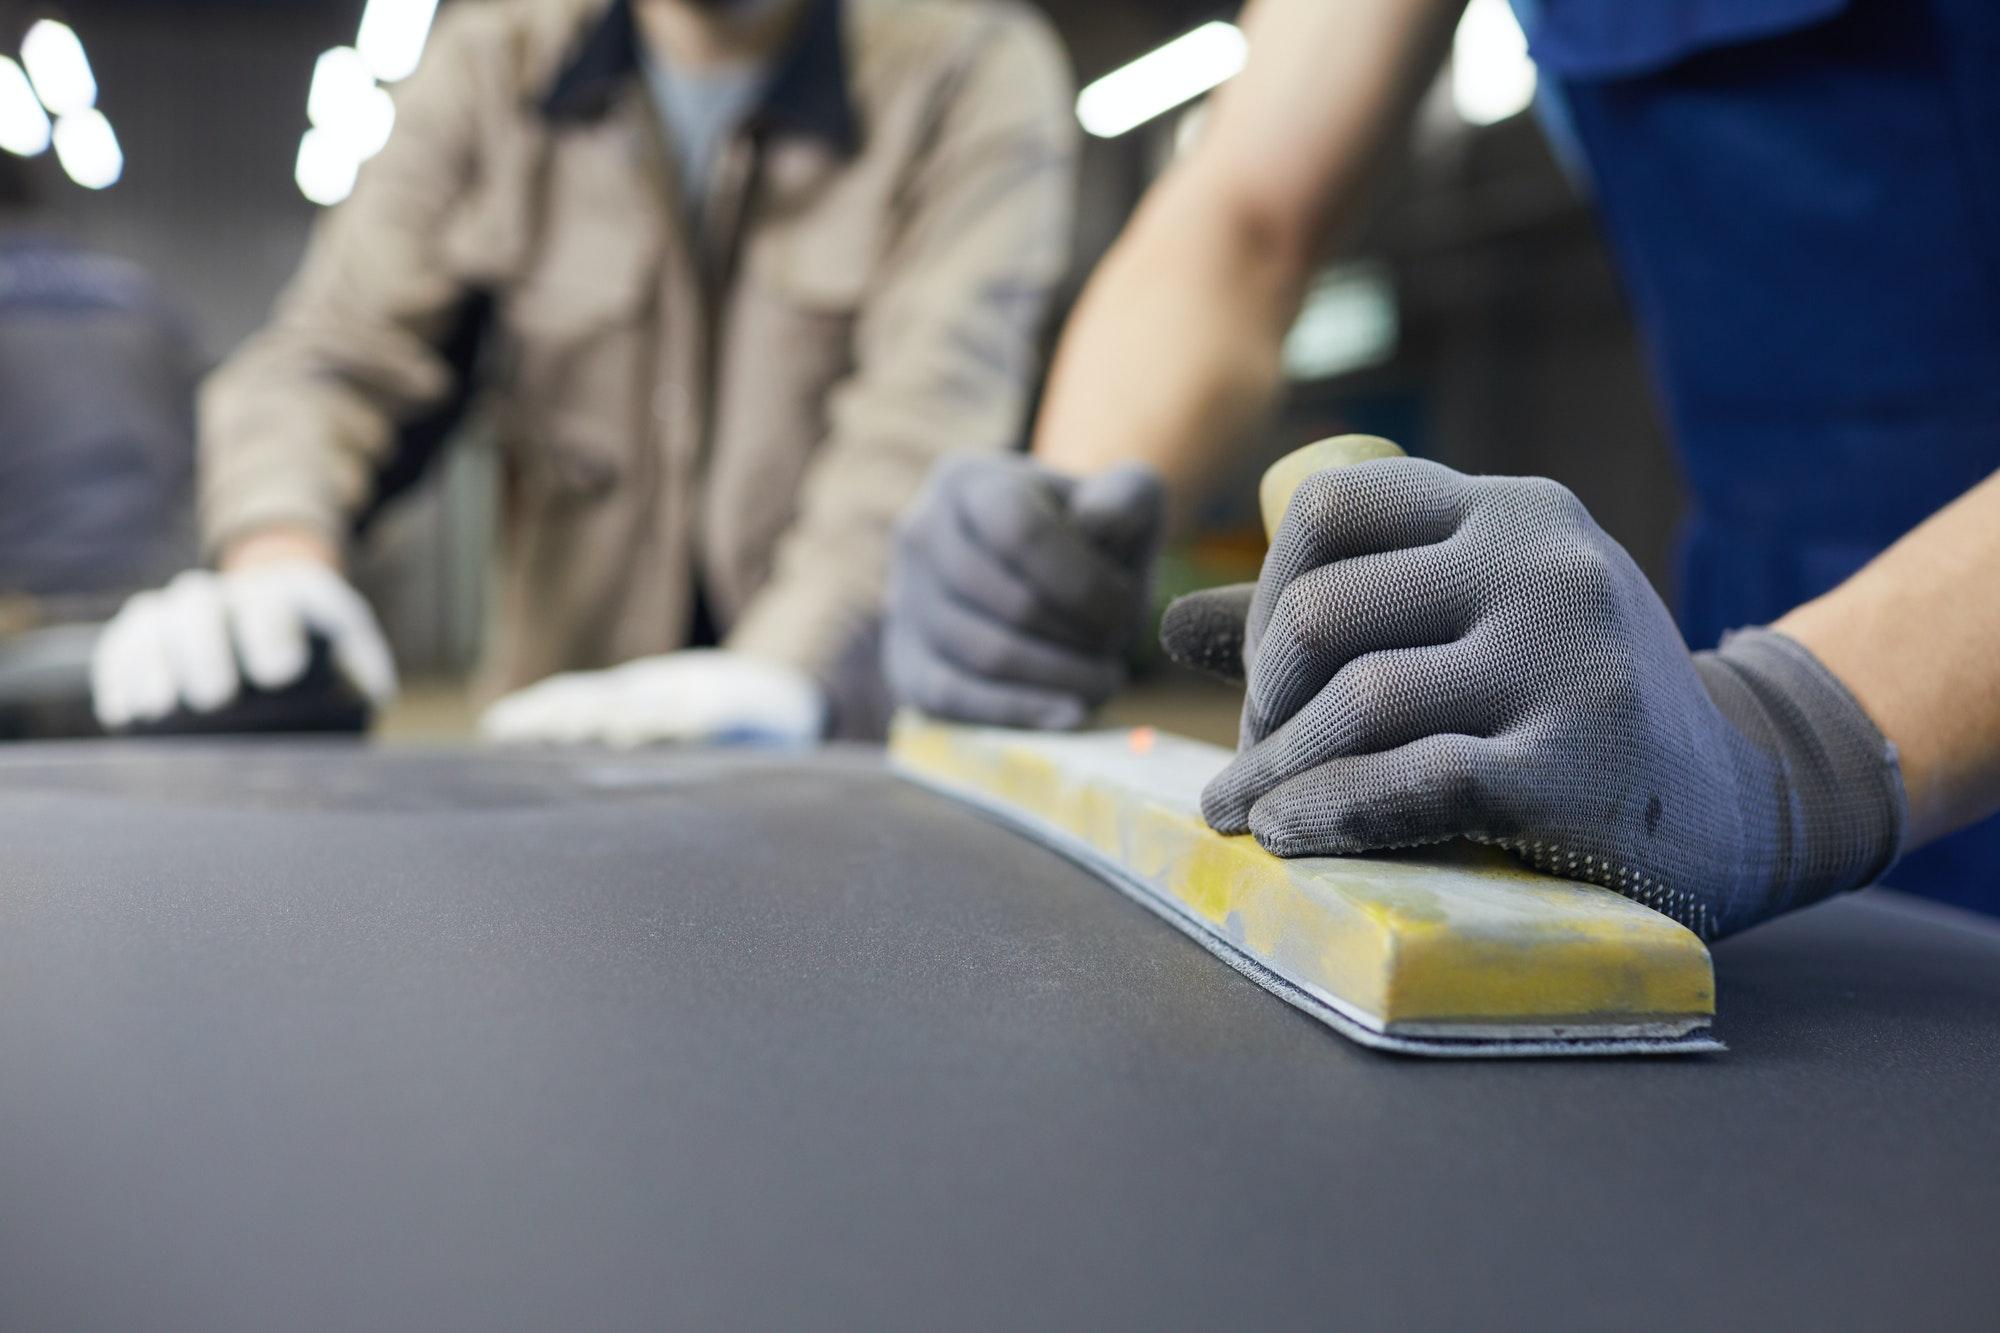 Unrecognizable Men Grinding Car Body Surface